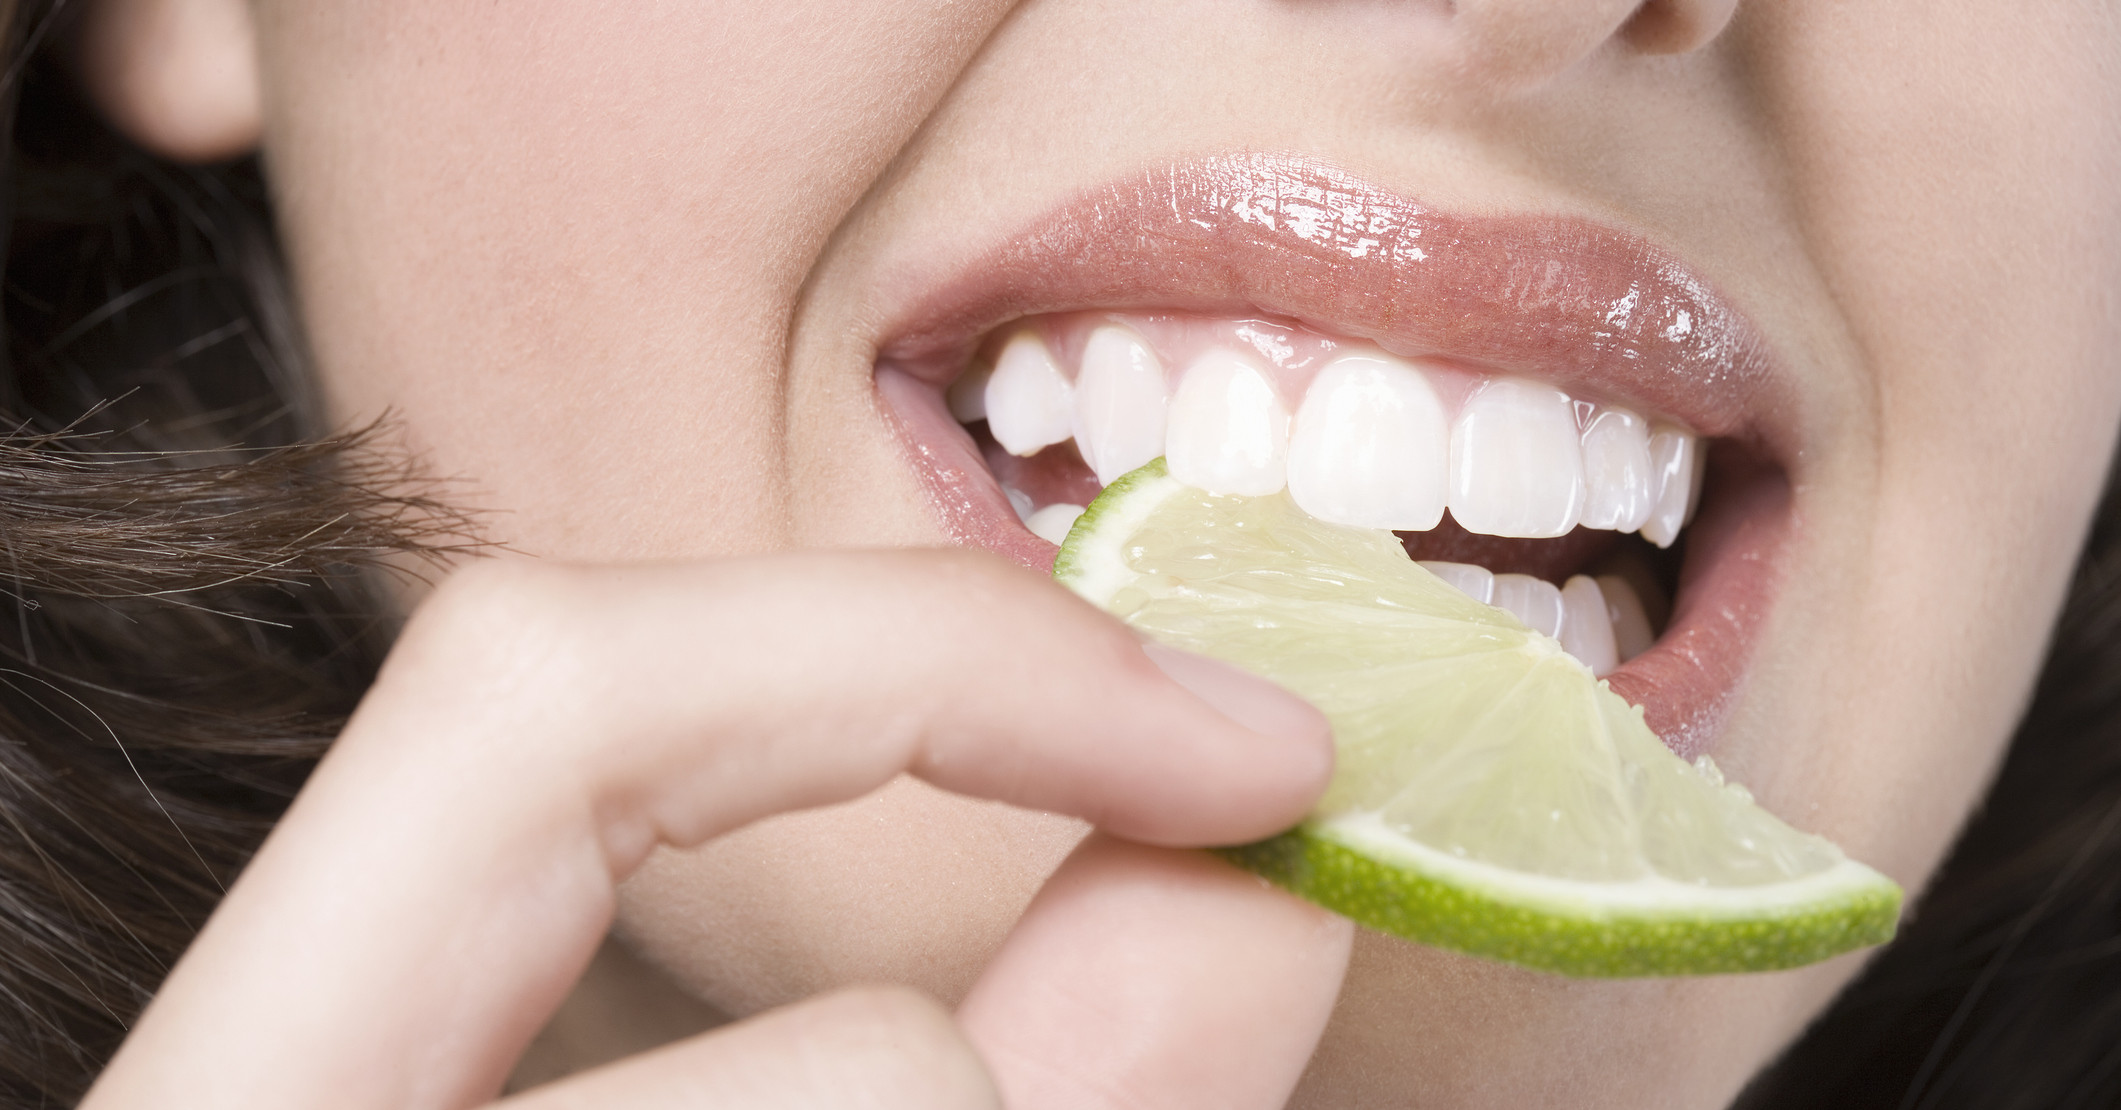 причины кислоты во рту после еды термобелья